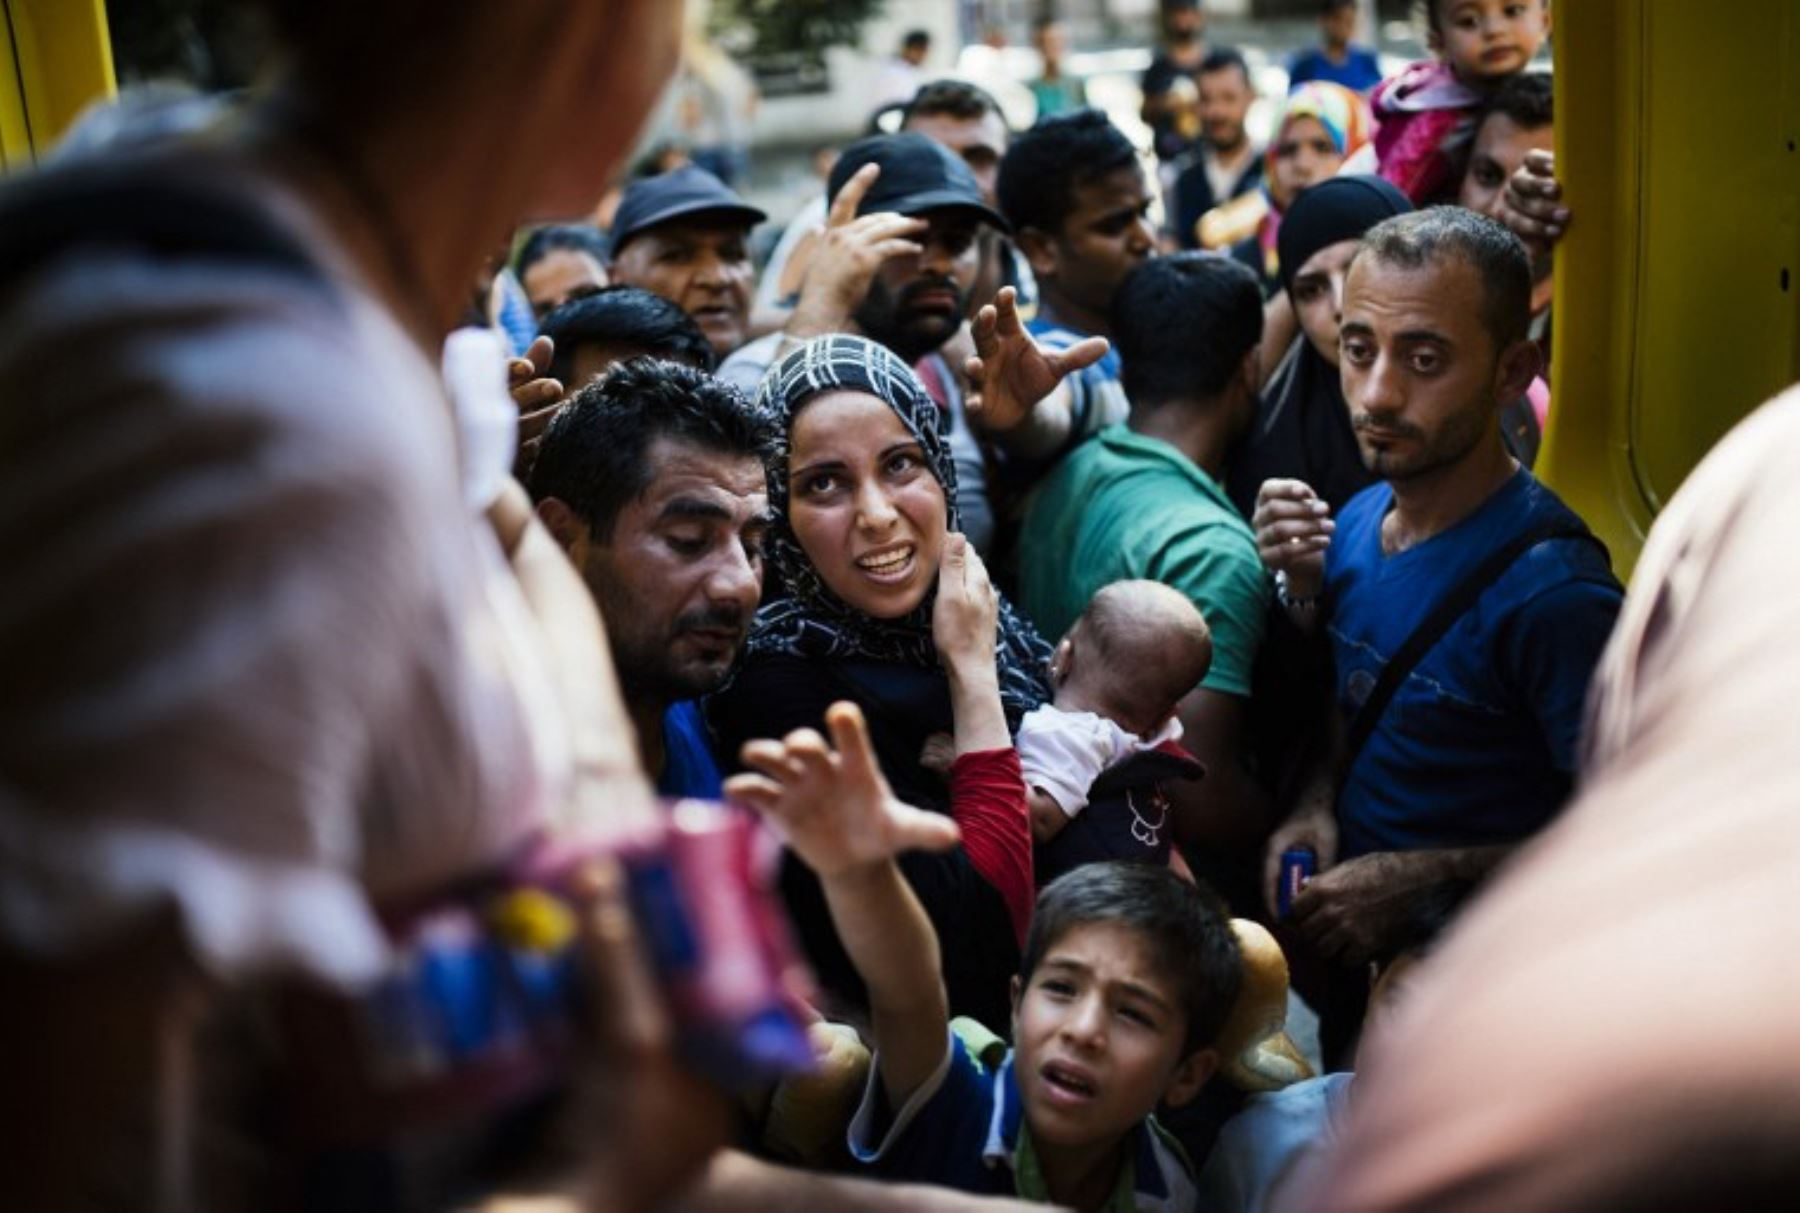 Miigrantes esperan recibir alimentos distribuidos por voluntarios de Macedonia en la estación de tren en Gevgelija. Foto: AFP